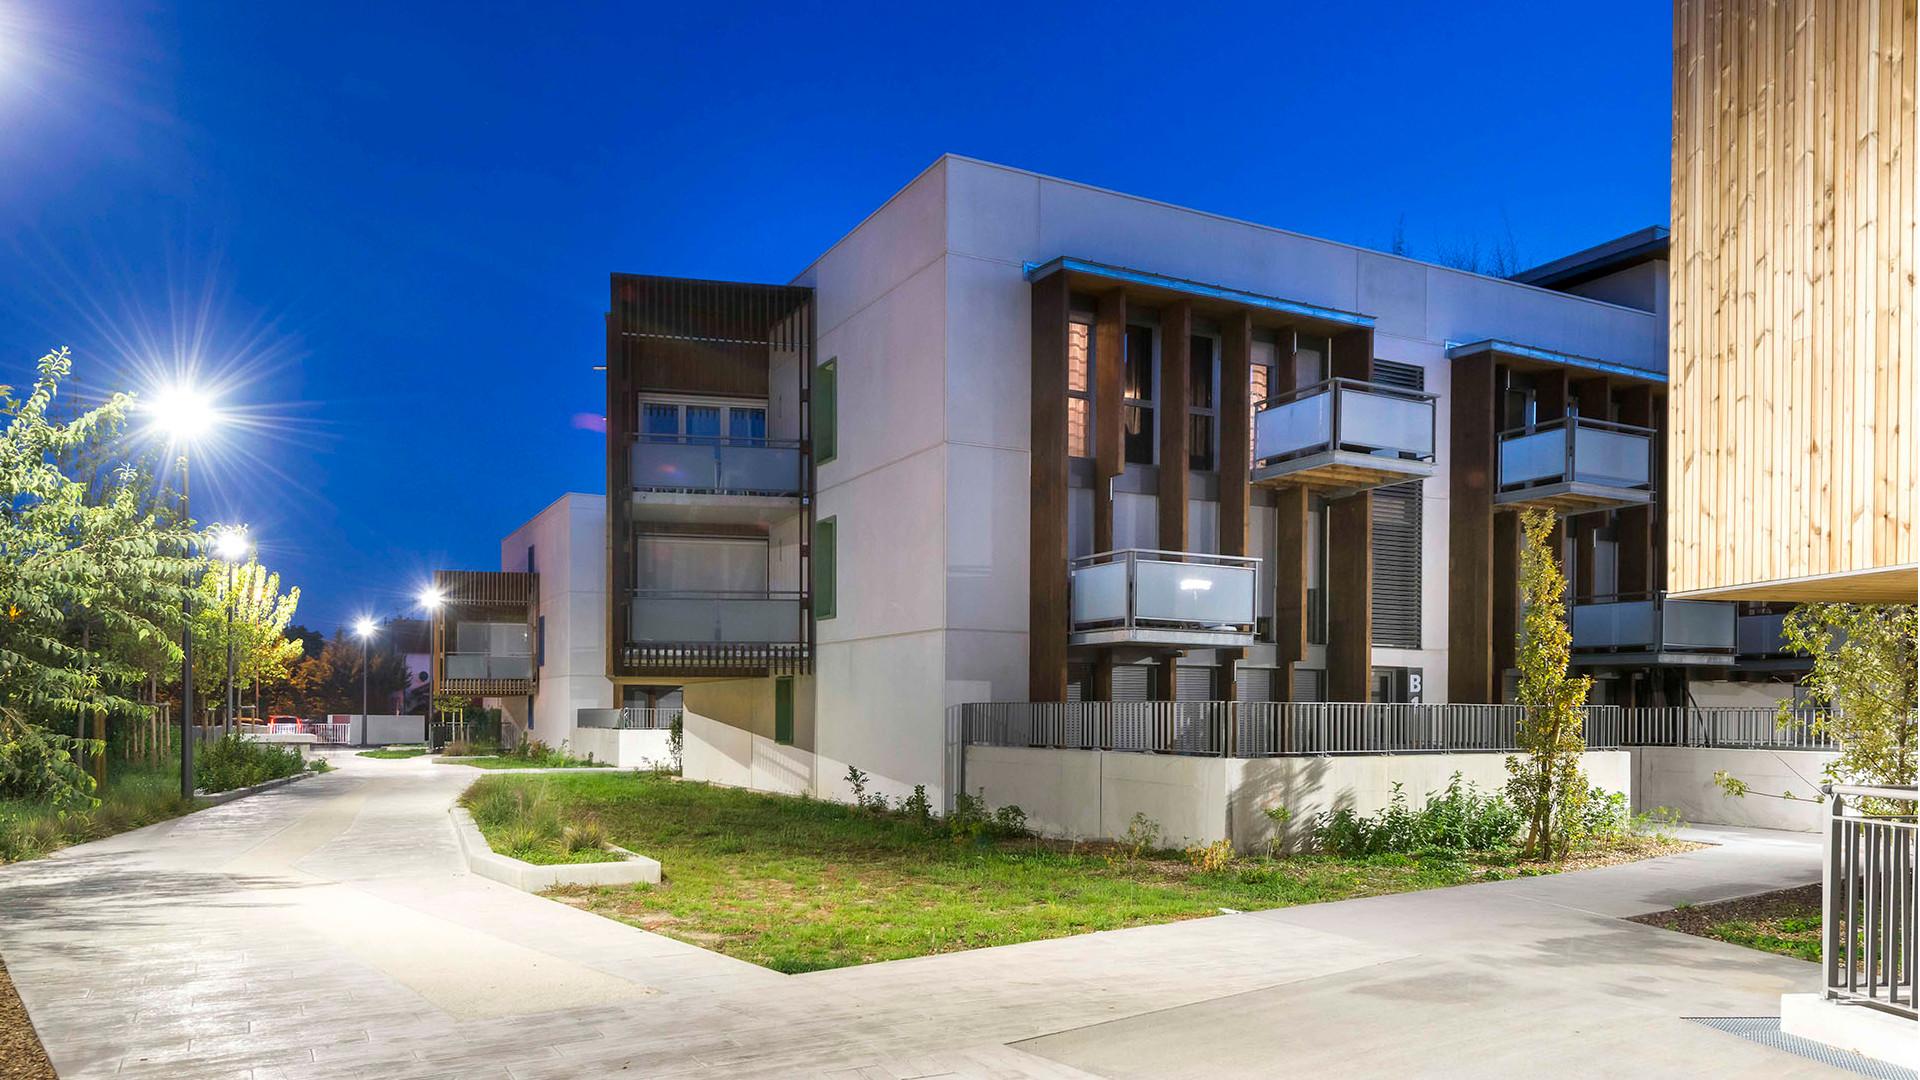 18-Seuil-Architecture-Soupetard-logements-crédit-Ph-Stéphane-Brugidou-